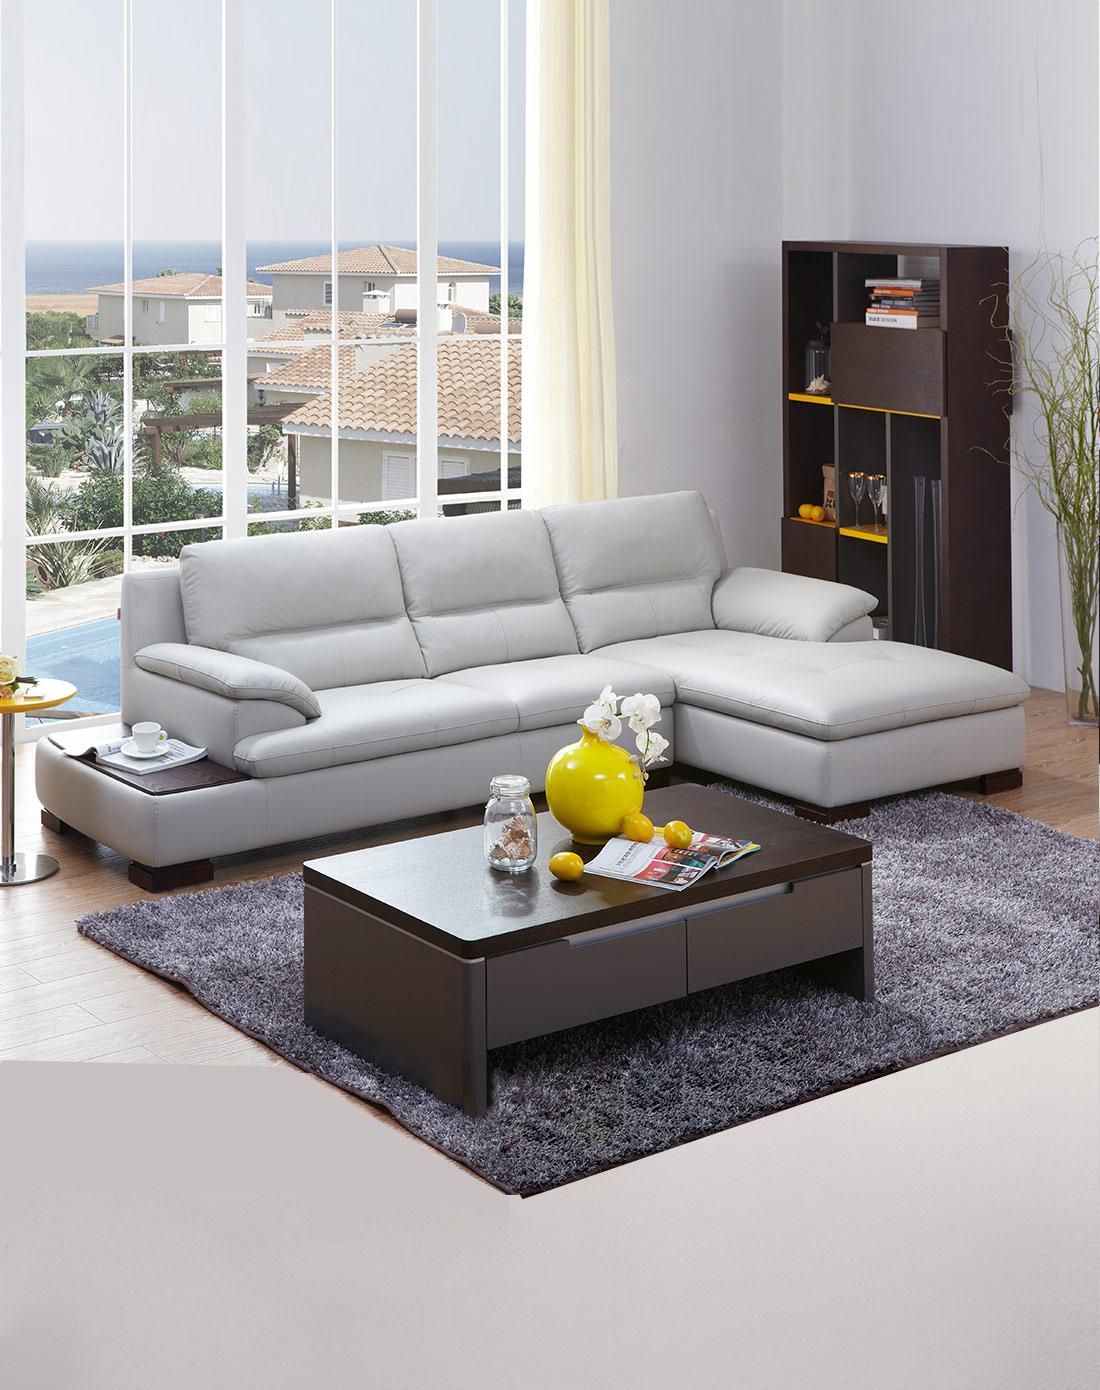 沙发家具保养家居保真皮沙发的保养和清洁养攻略真皮沙发清洁妙招